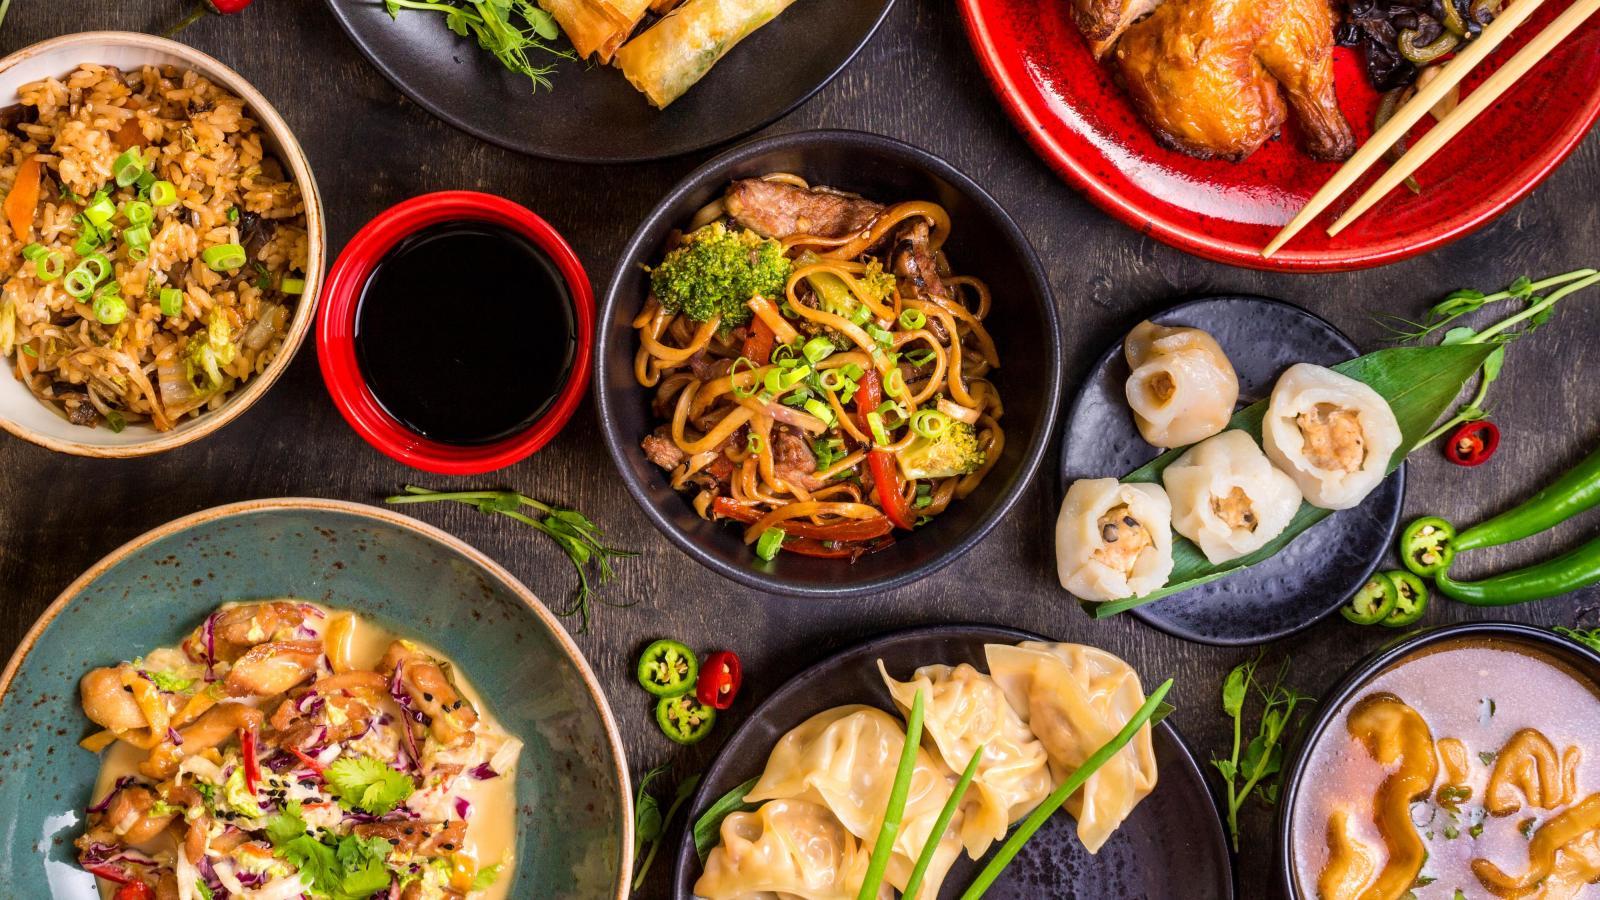 Top 5 Chinese restaurants in Qatar